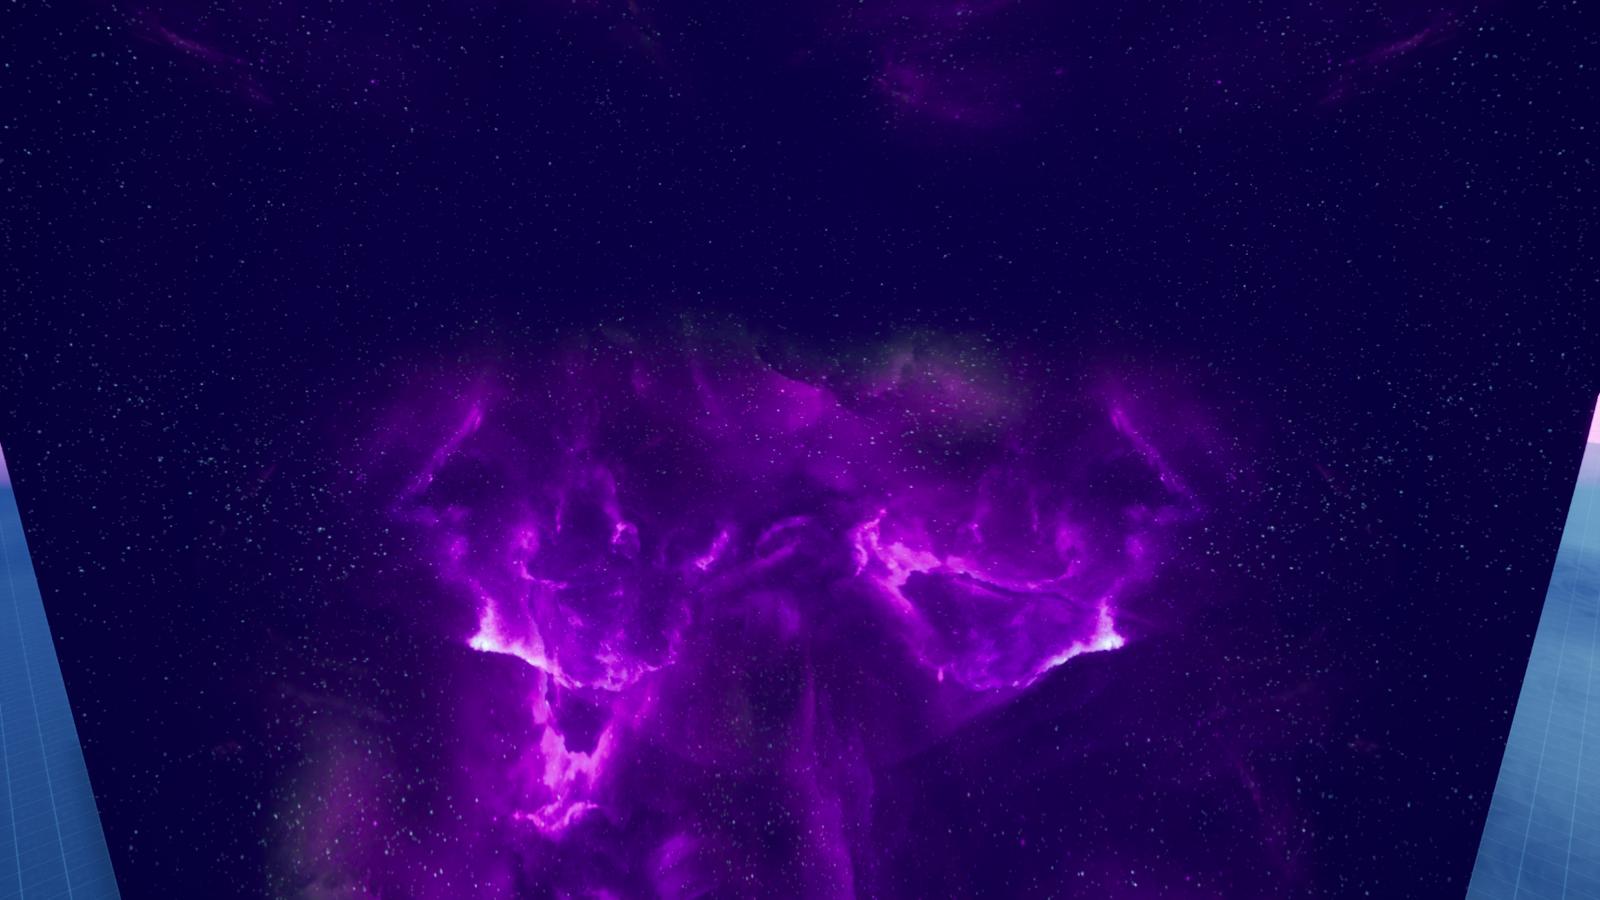 Neon Dark Galaxy (REGULAR) 8421-7875-8153 by powerlimit